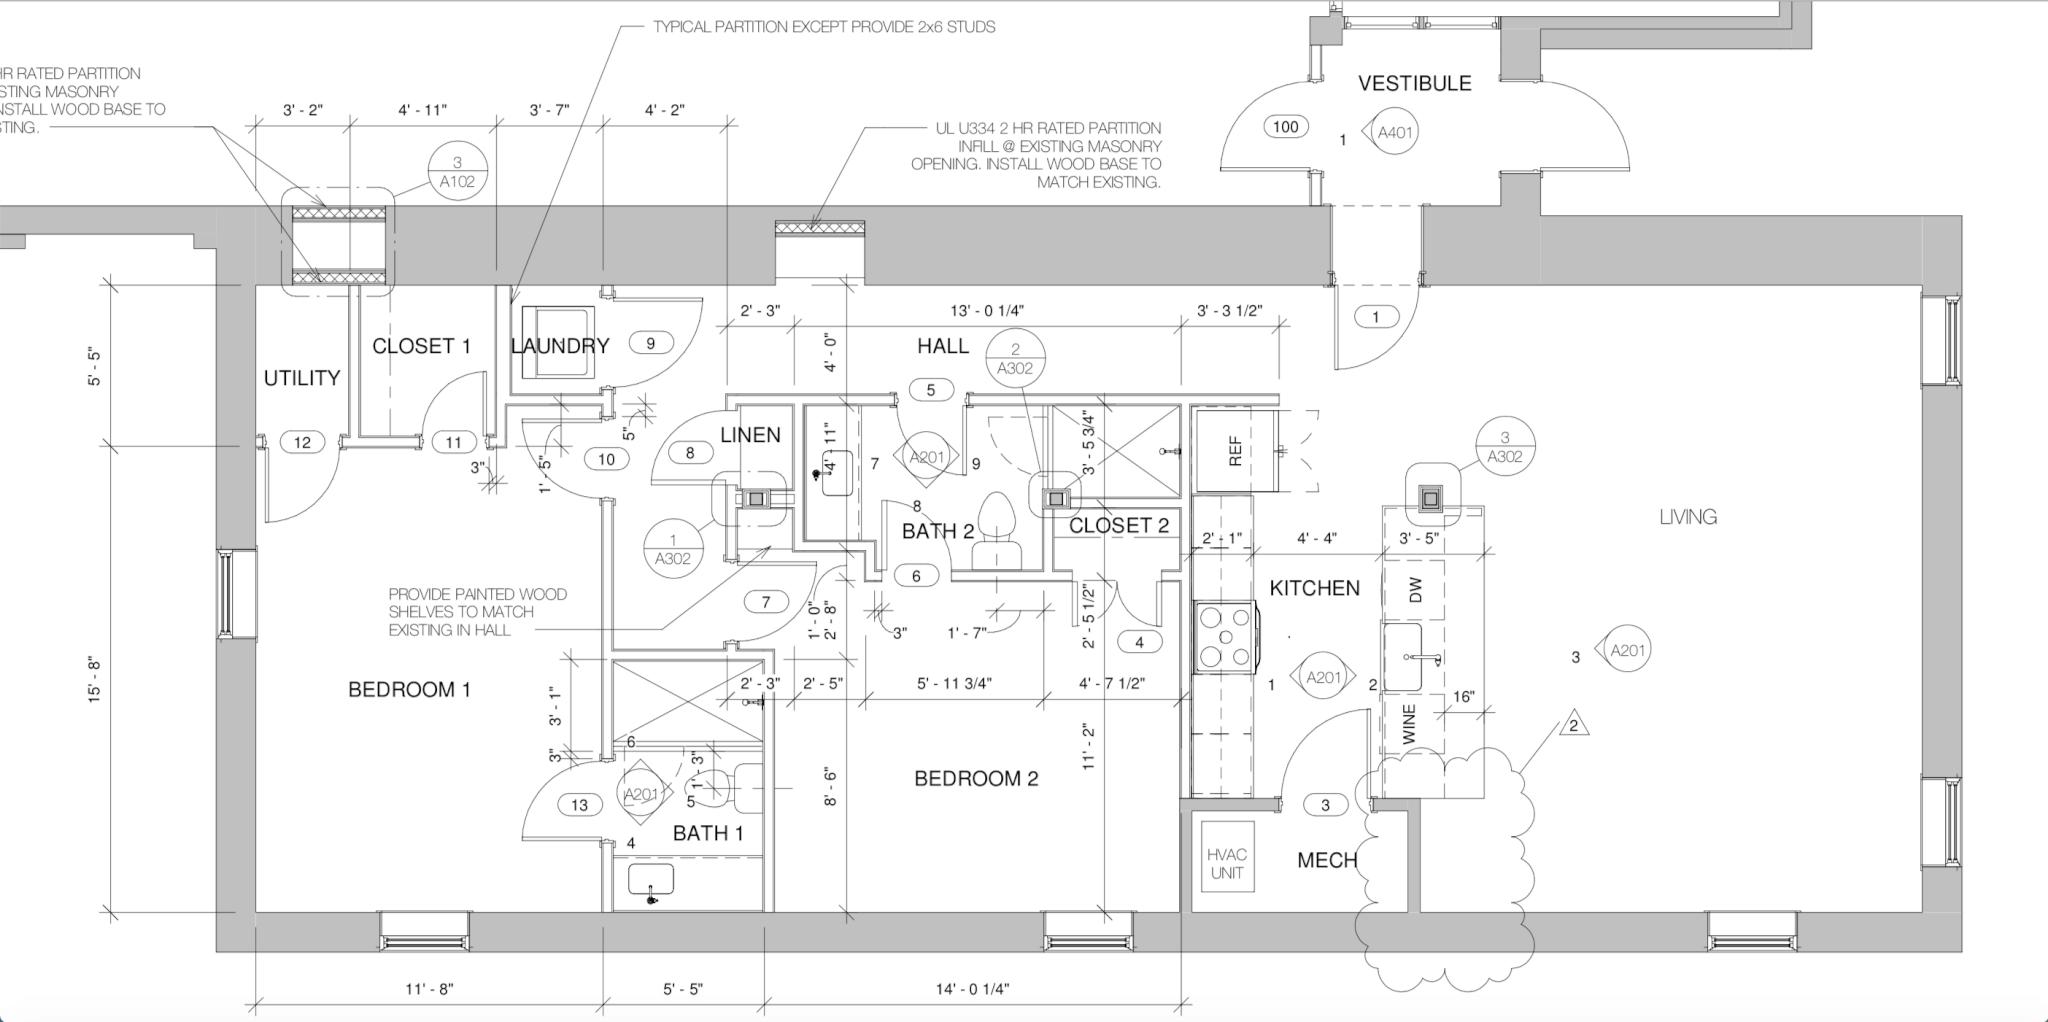 Suite 100 - Floor Plan